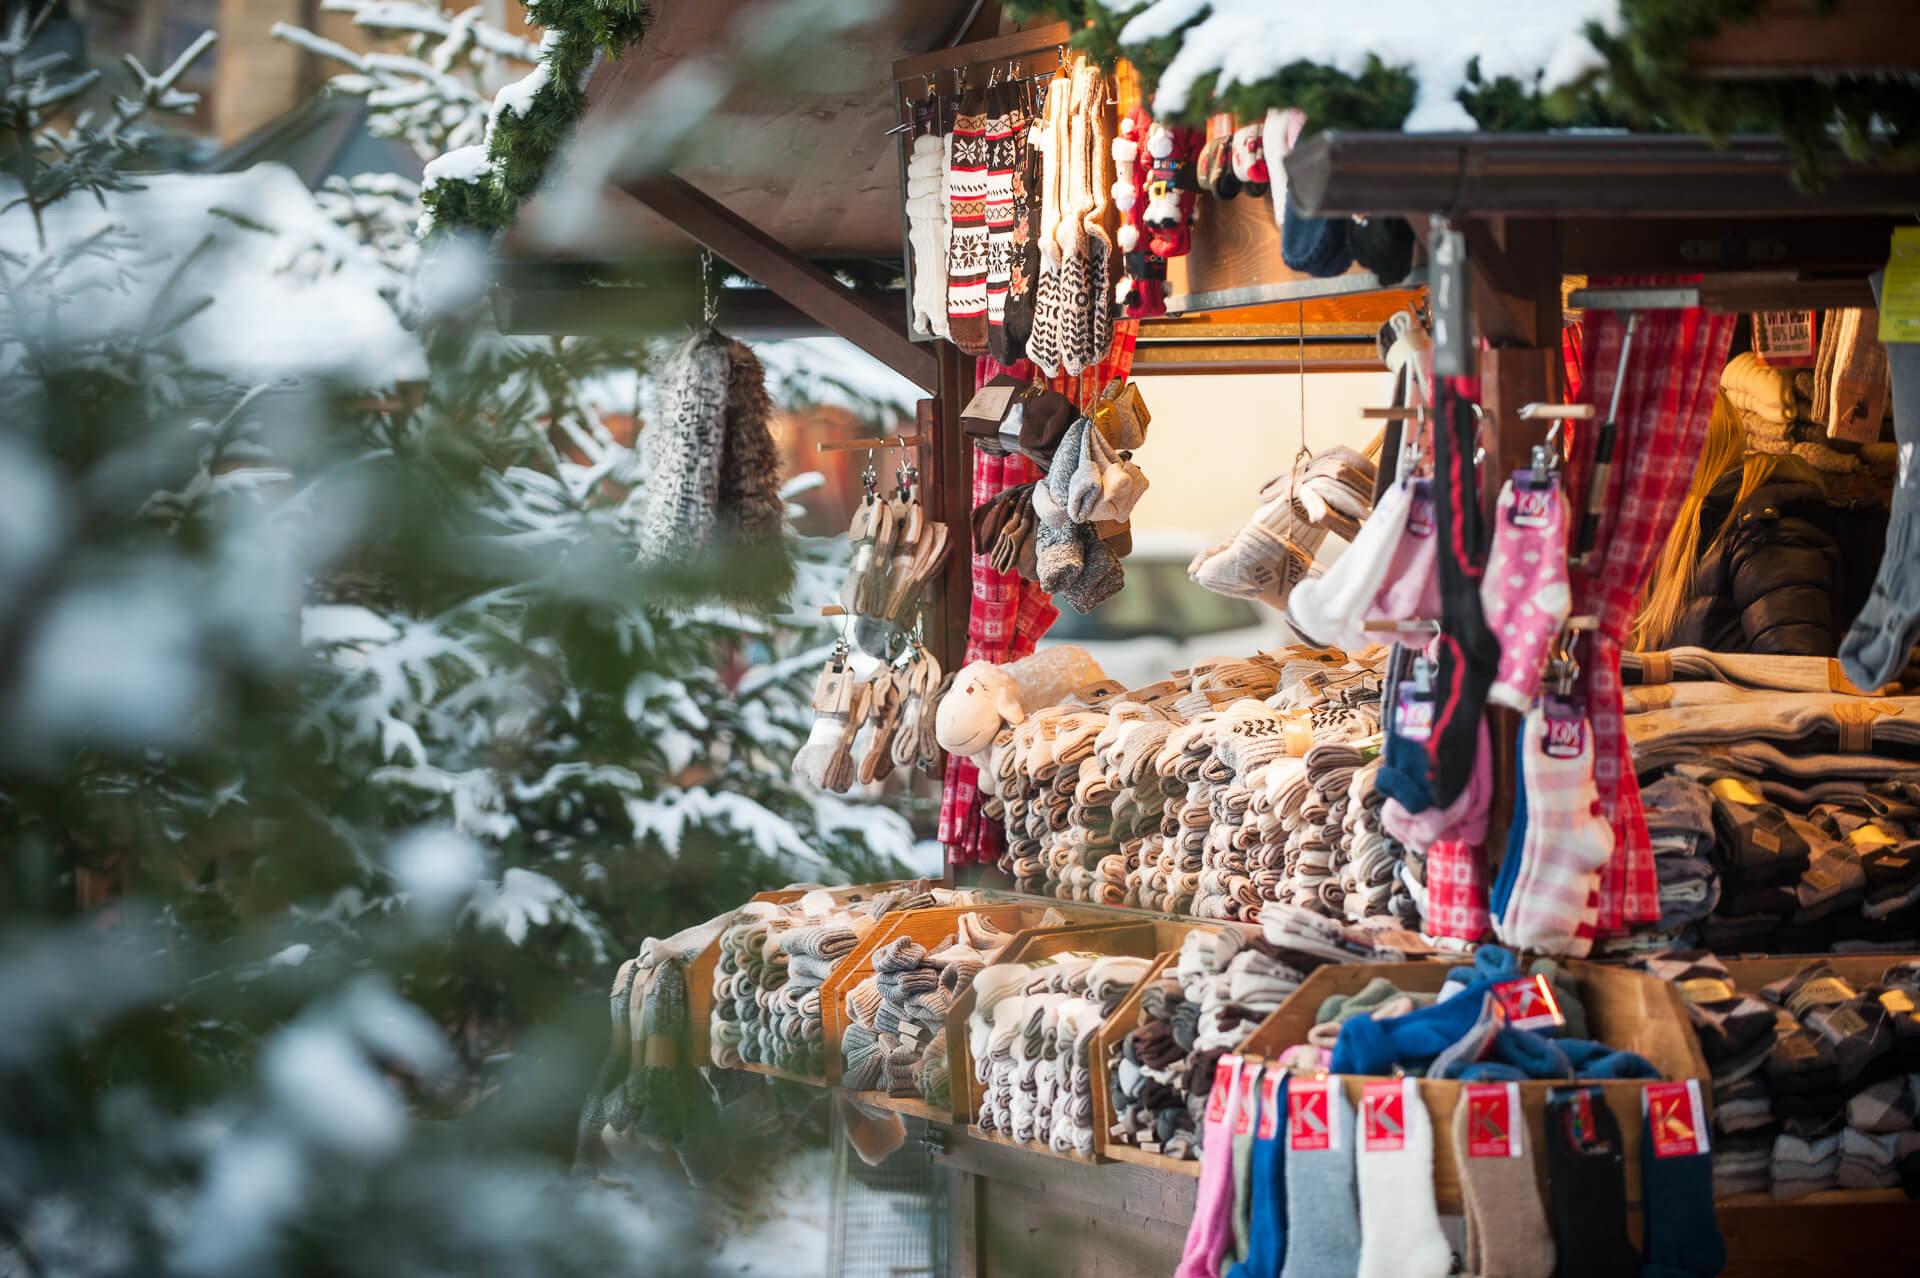 Settimana di Natale & Capodanno